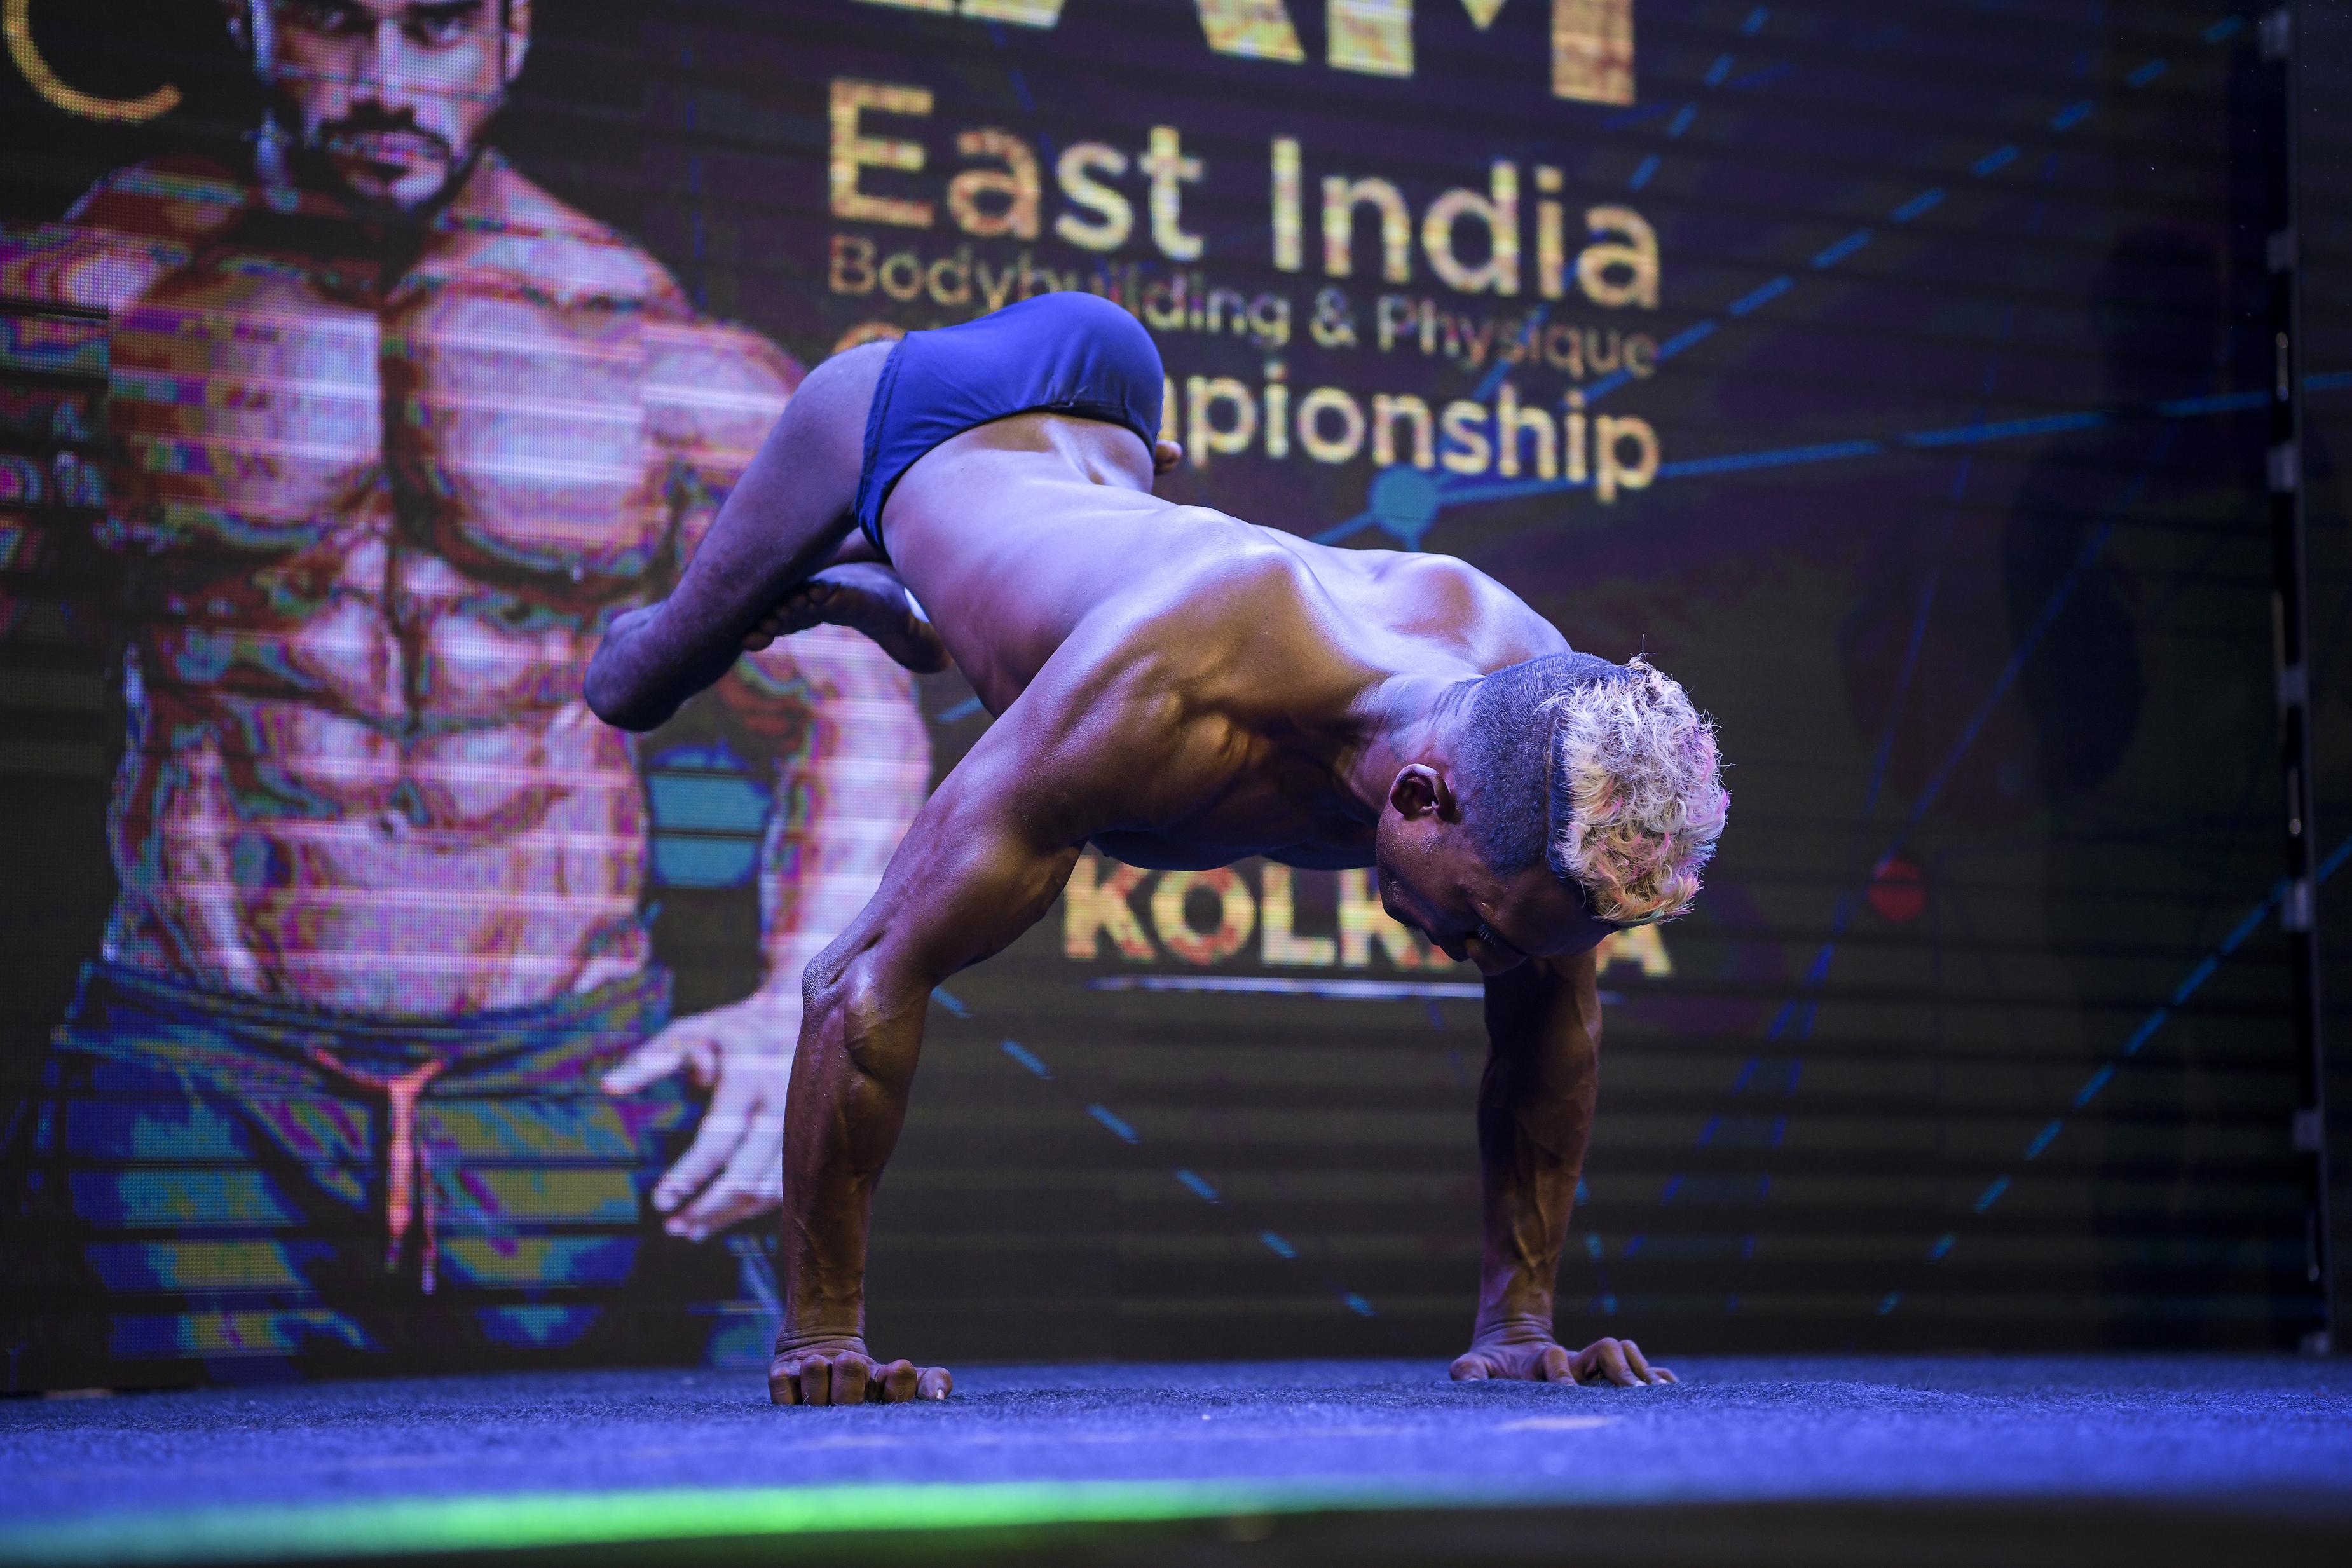 Soumen melakukan handstand dalam kejuaraan lokal di Kolkata.